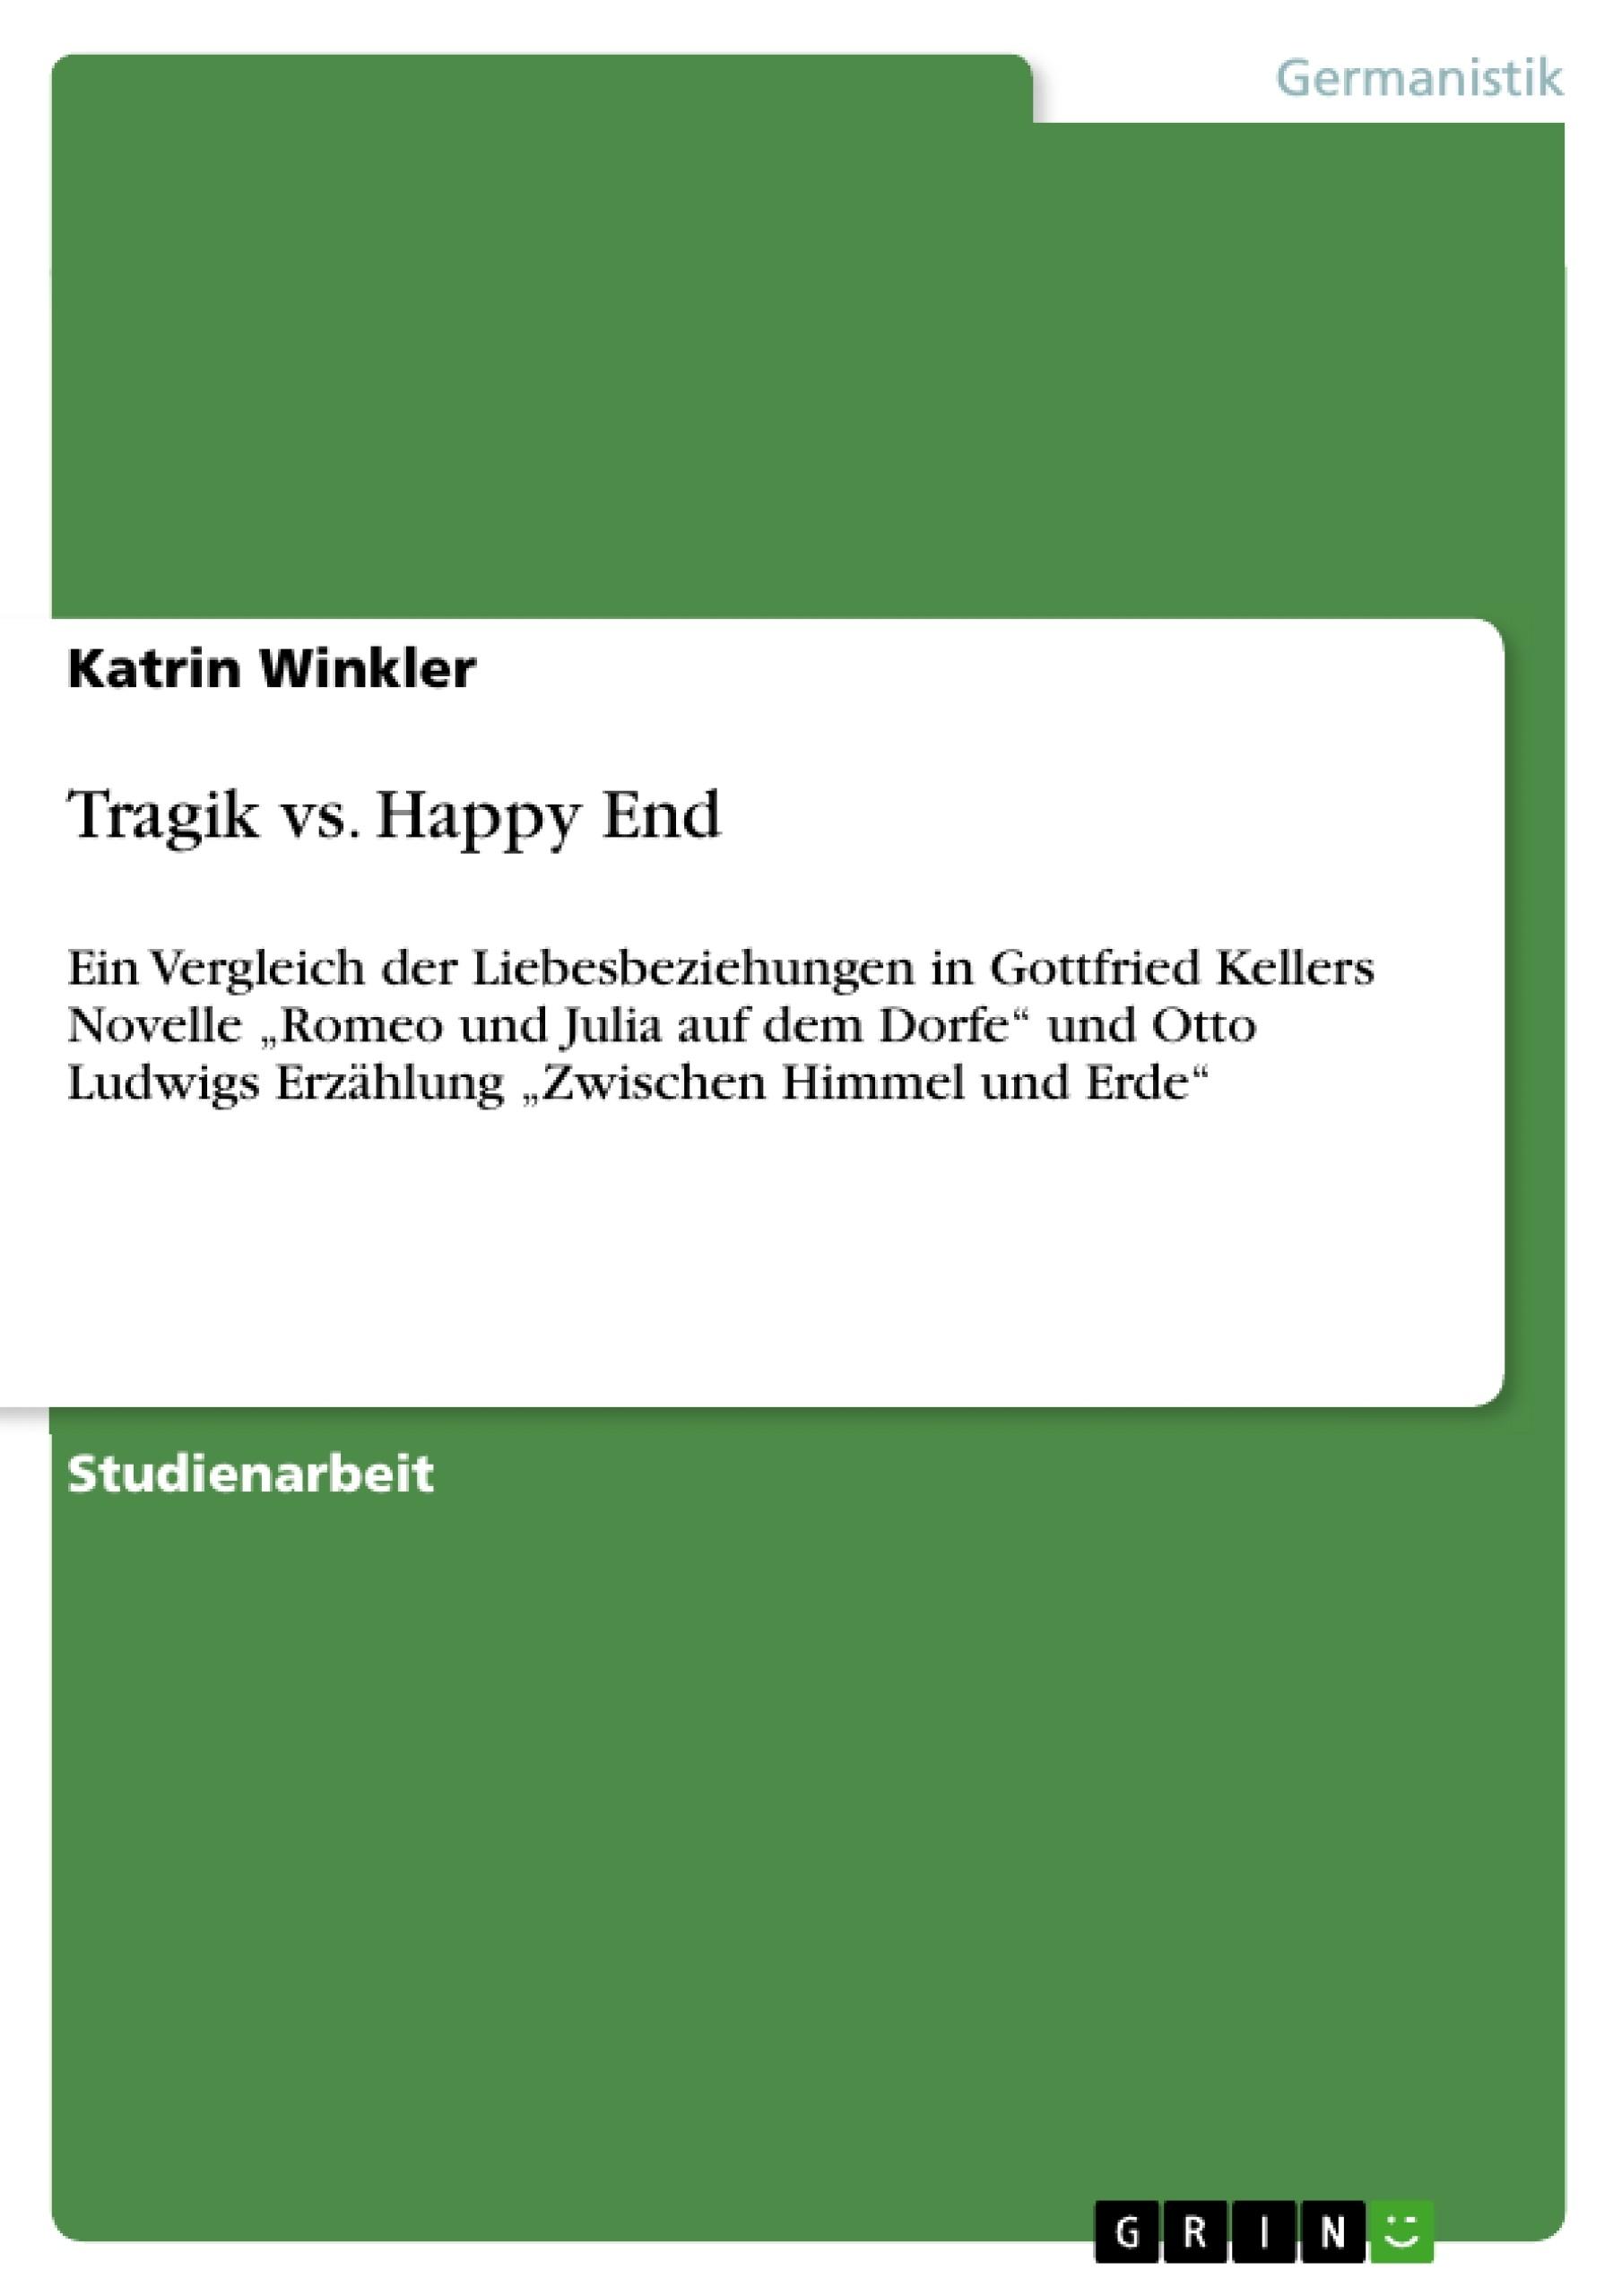 Titel: Tragik vs. Happy End